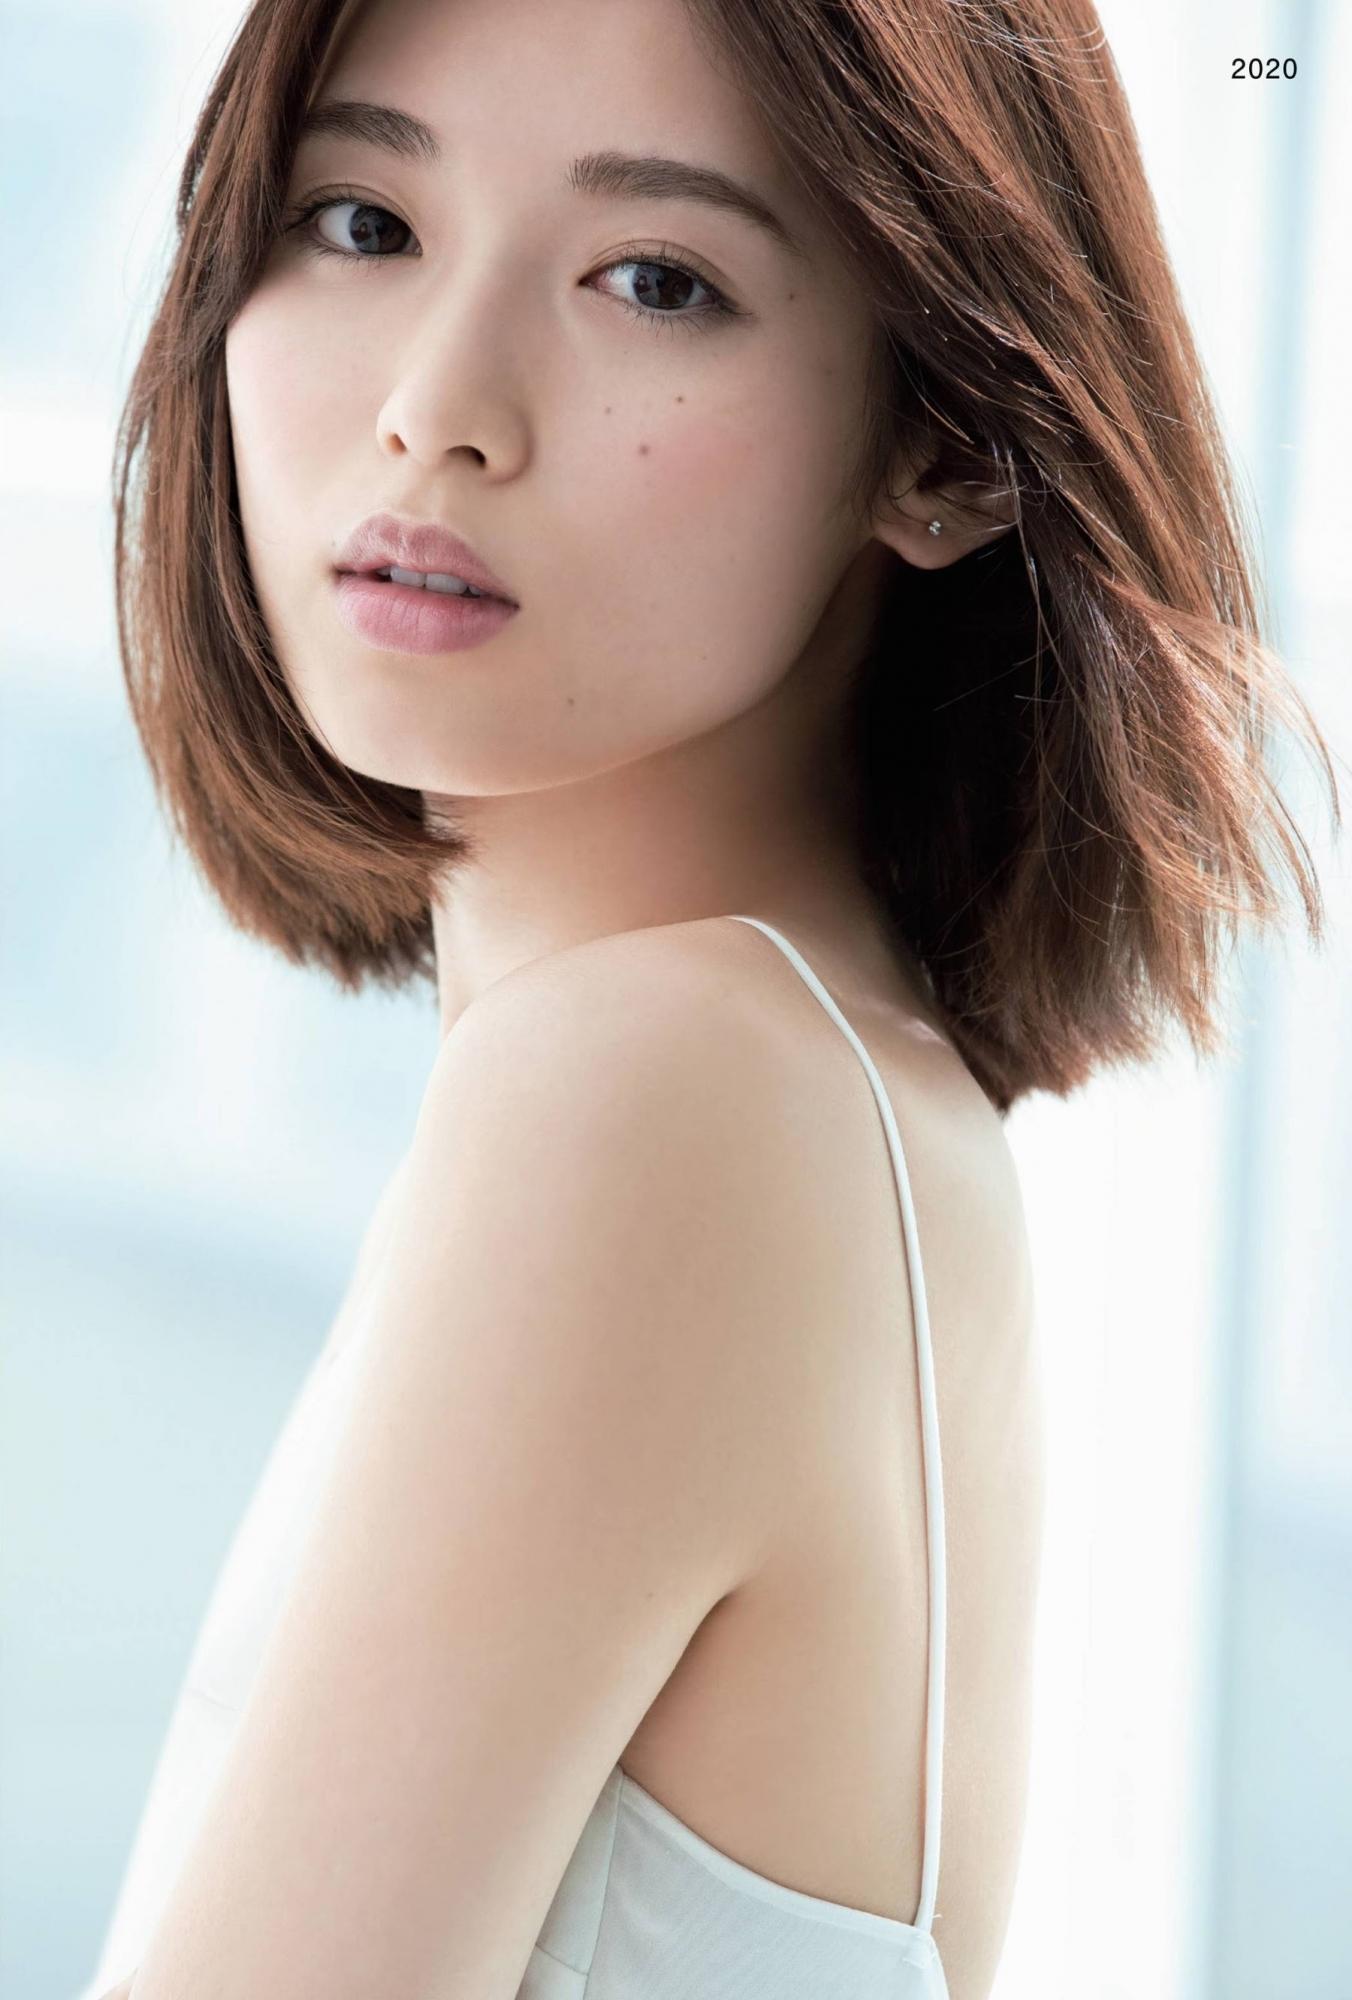 透明感十足空灵气场美少女「白石圣」,新生代纯爱系女演员-新图包